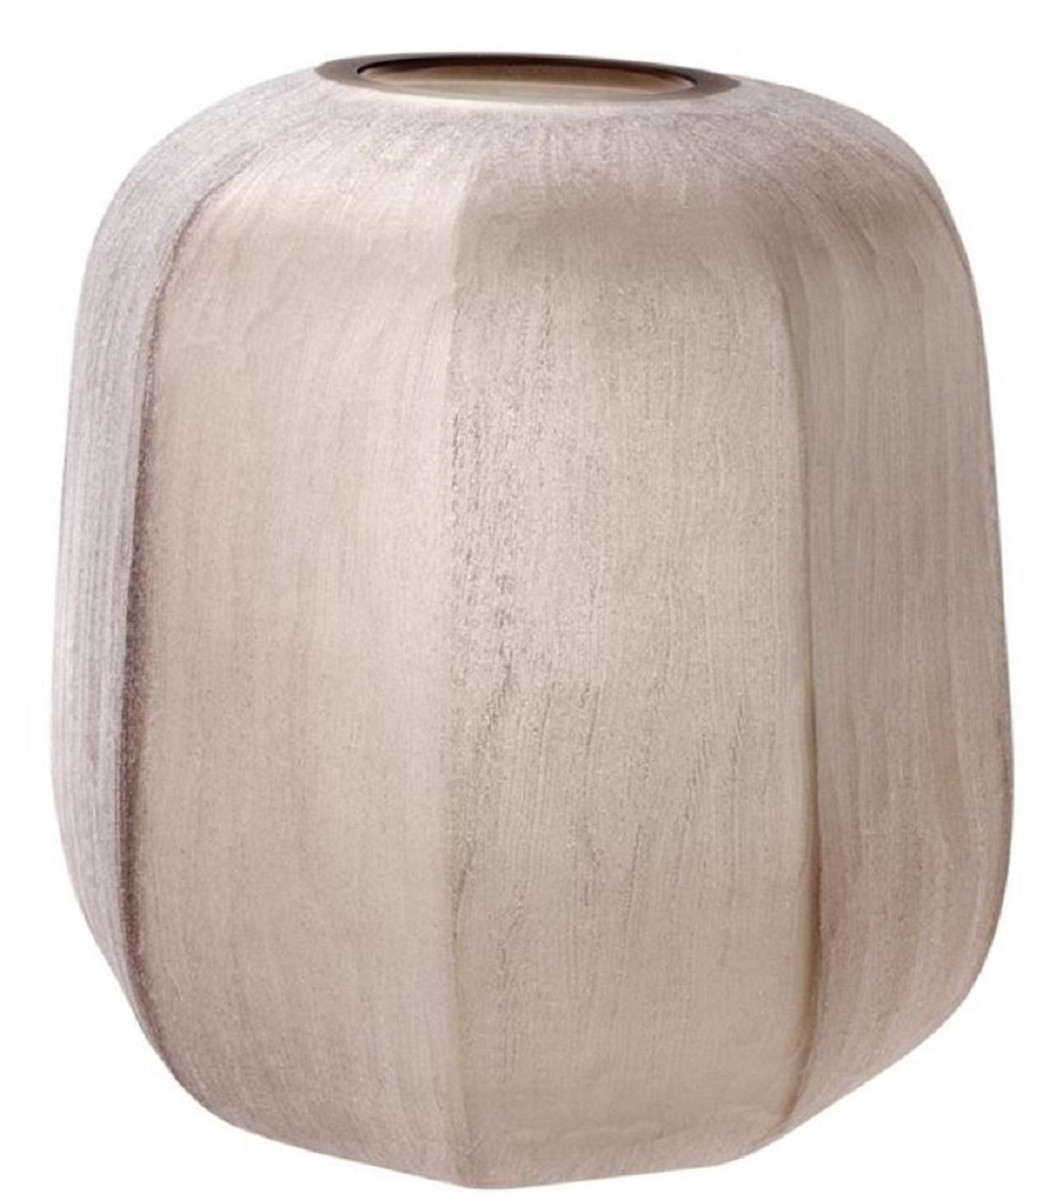 Casa Padrino Luxus Vase Sandfarben Ø 33 x H. 32 cm - Luxus Wohnzimmer Dekoration 1